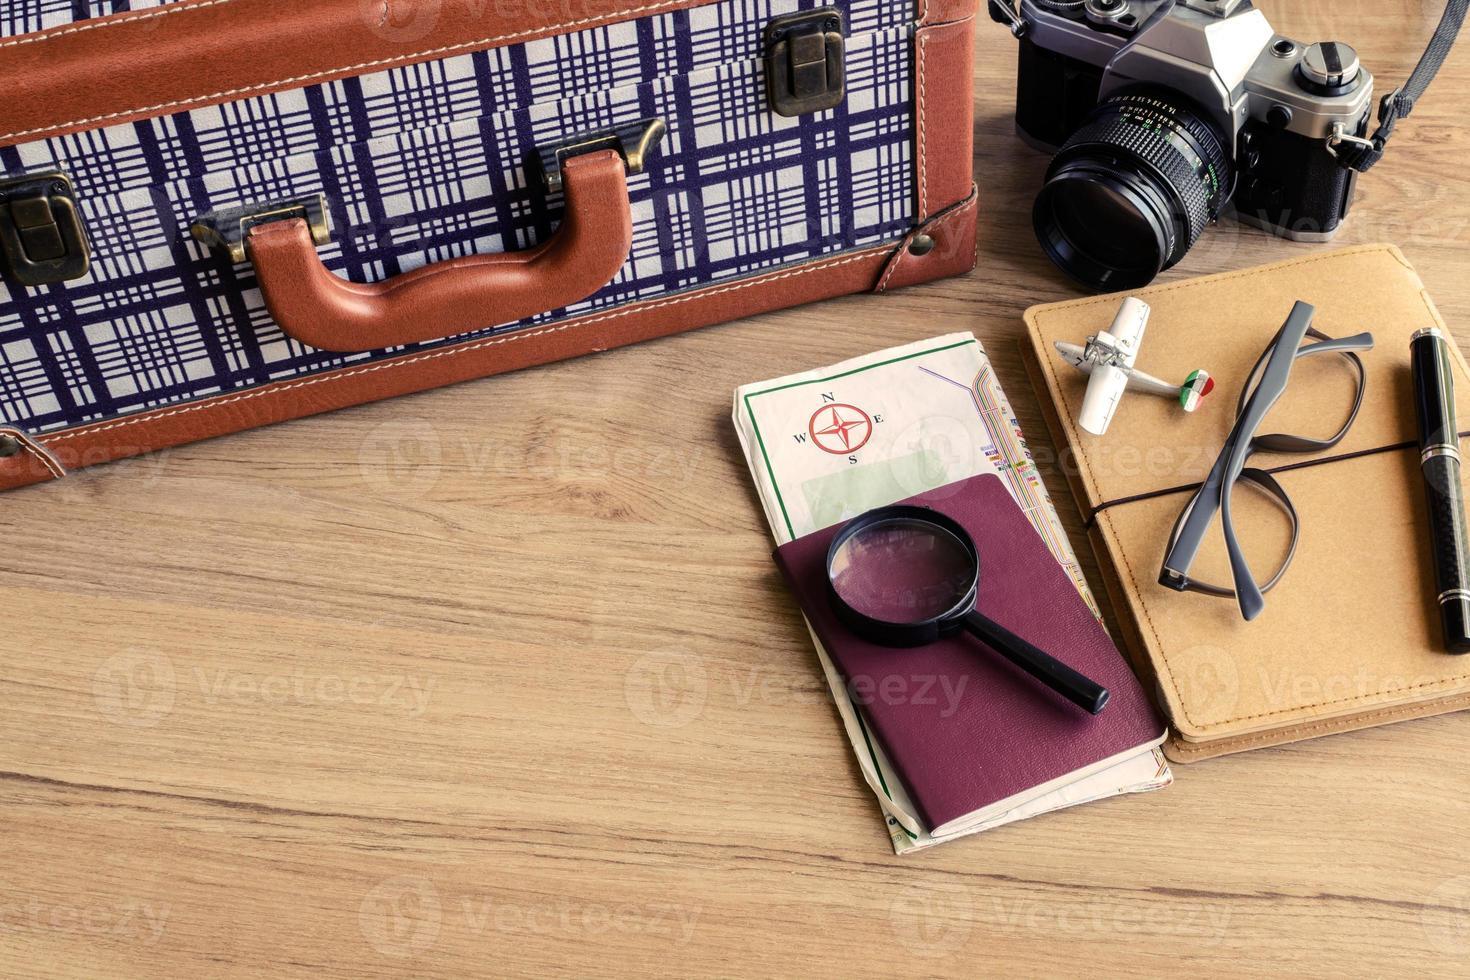 vestito del viaggiatore su fondo in legno foto